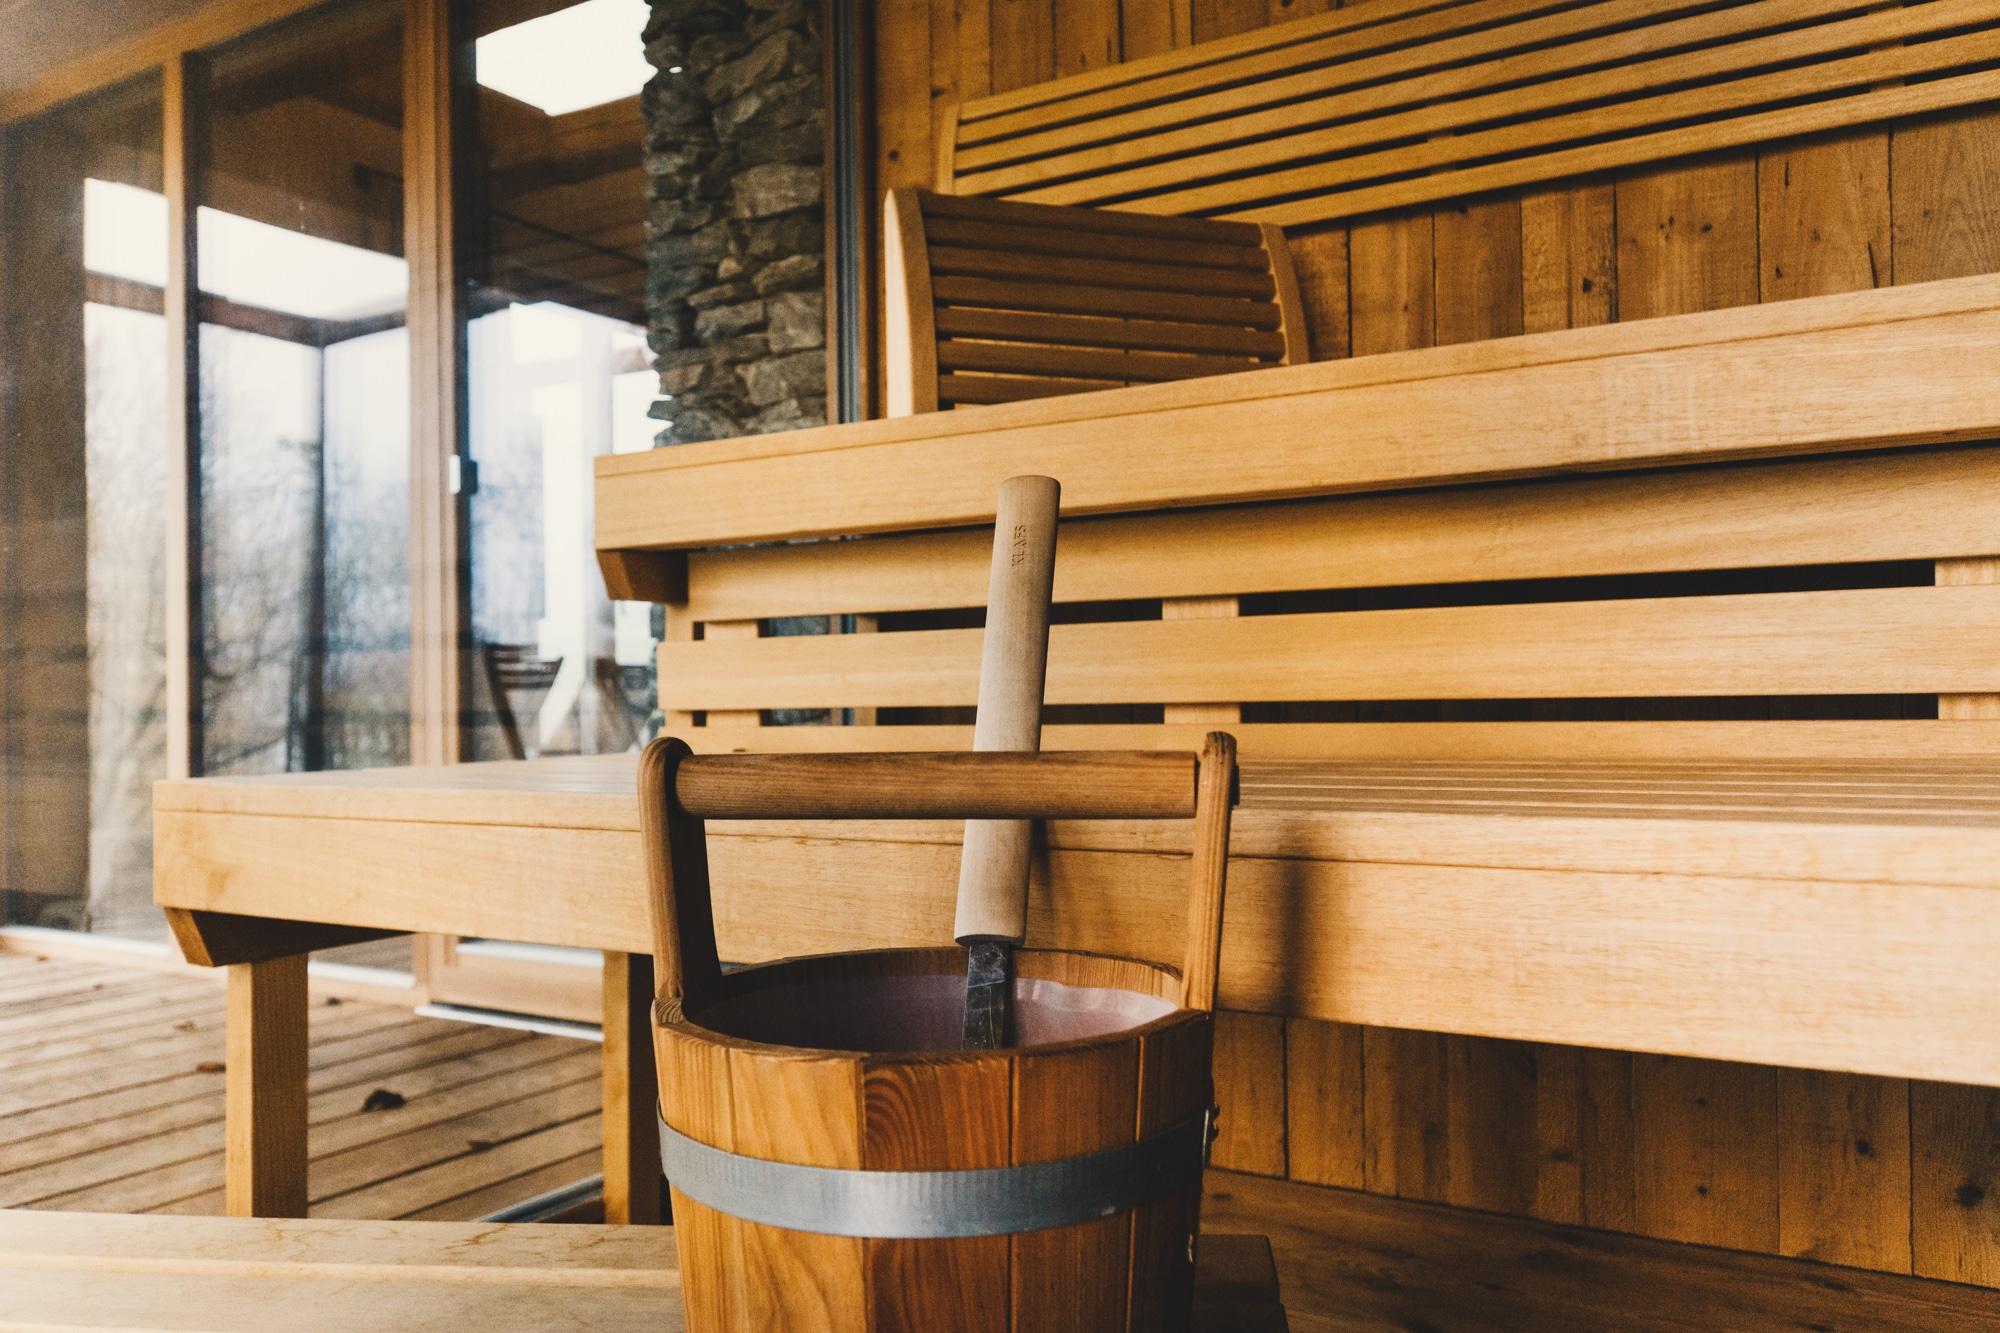 PURESLeben Erfahrungen: Das Landhaus Altenbach in der Südsteiermark - Sauna